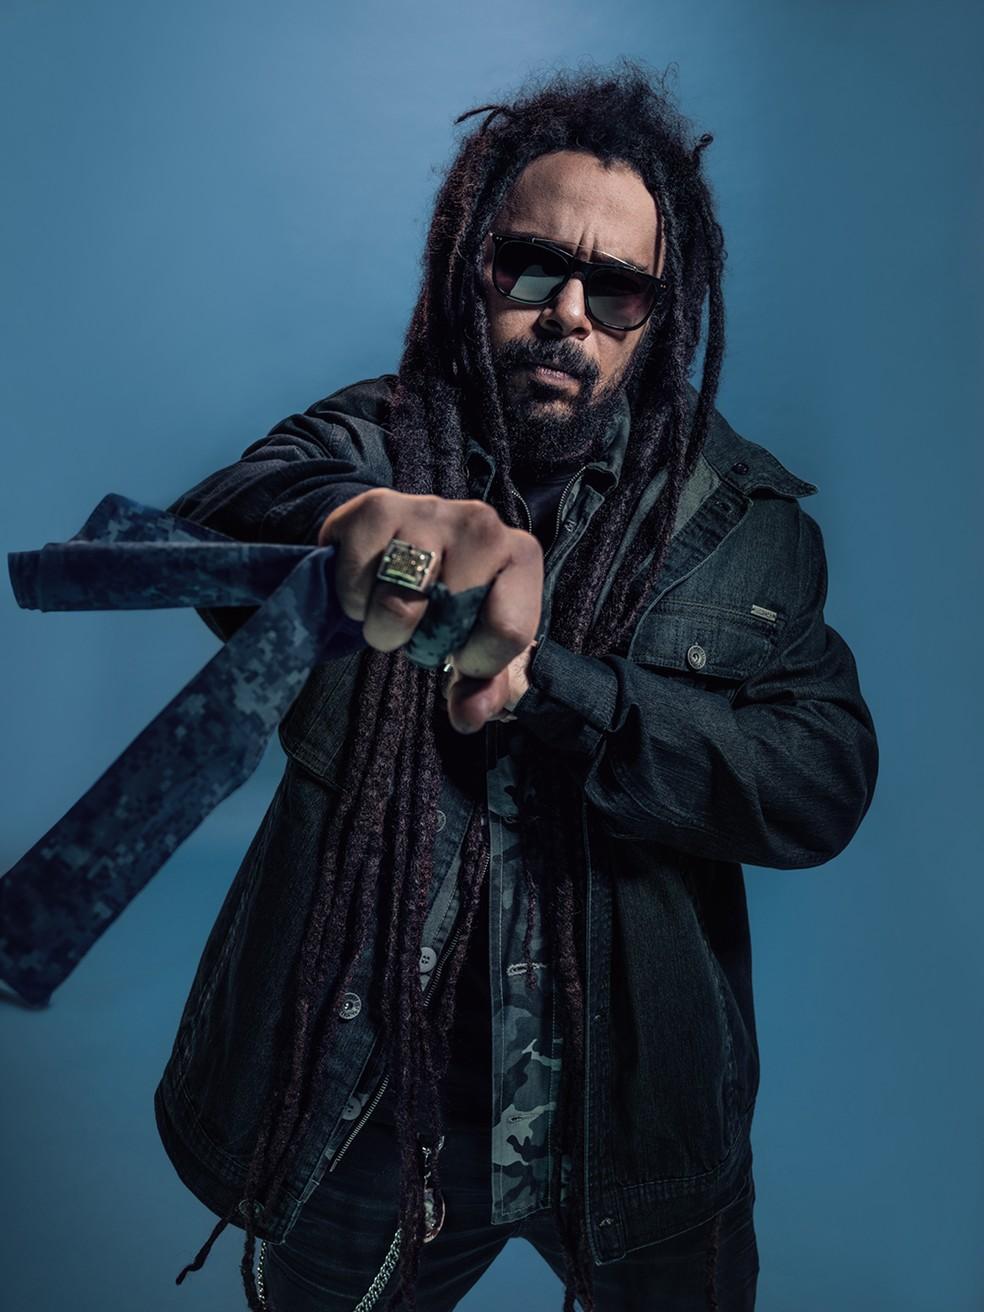 Marcelo Falcão fica na praia do reggae com leveza pop em álbum solo lançado hoje, 15 de fevereiro — Foto: Jaques Dequeker / Divulgação